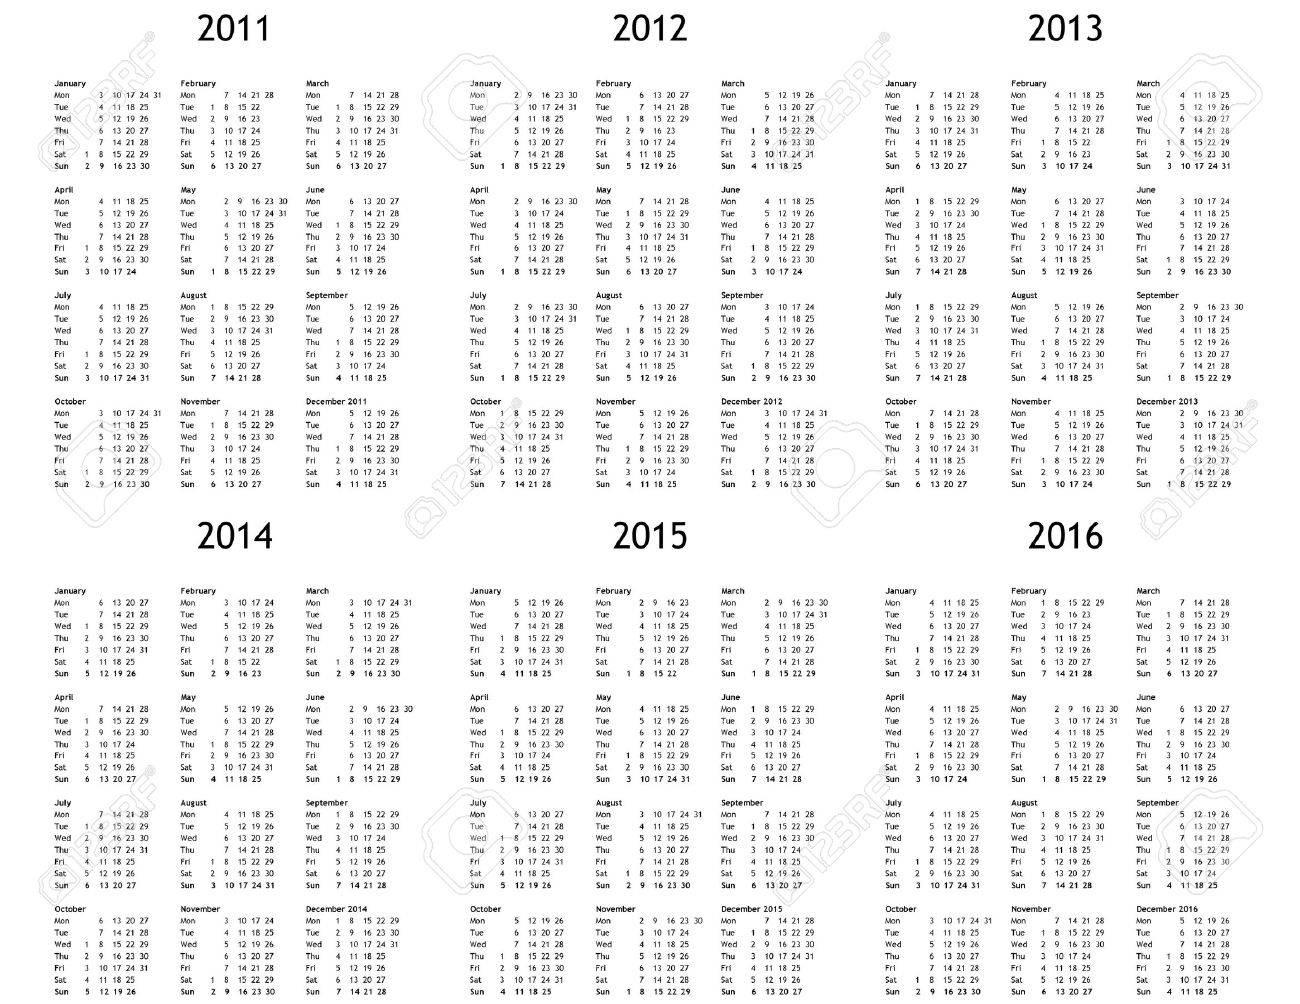 Multi Year Calendar 2011 2012 2013 2014 2015 2016 Stock Photo ...